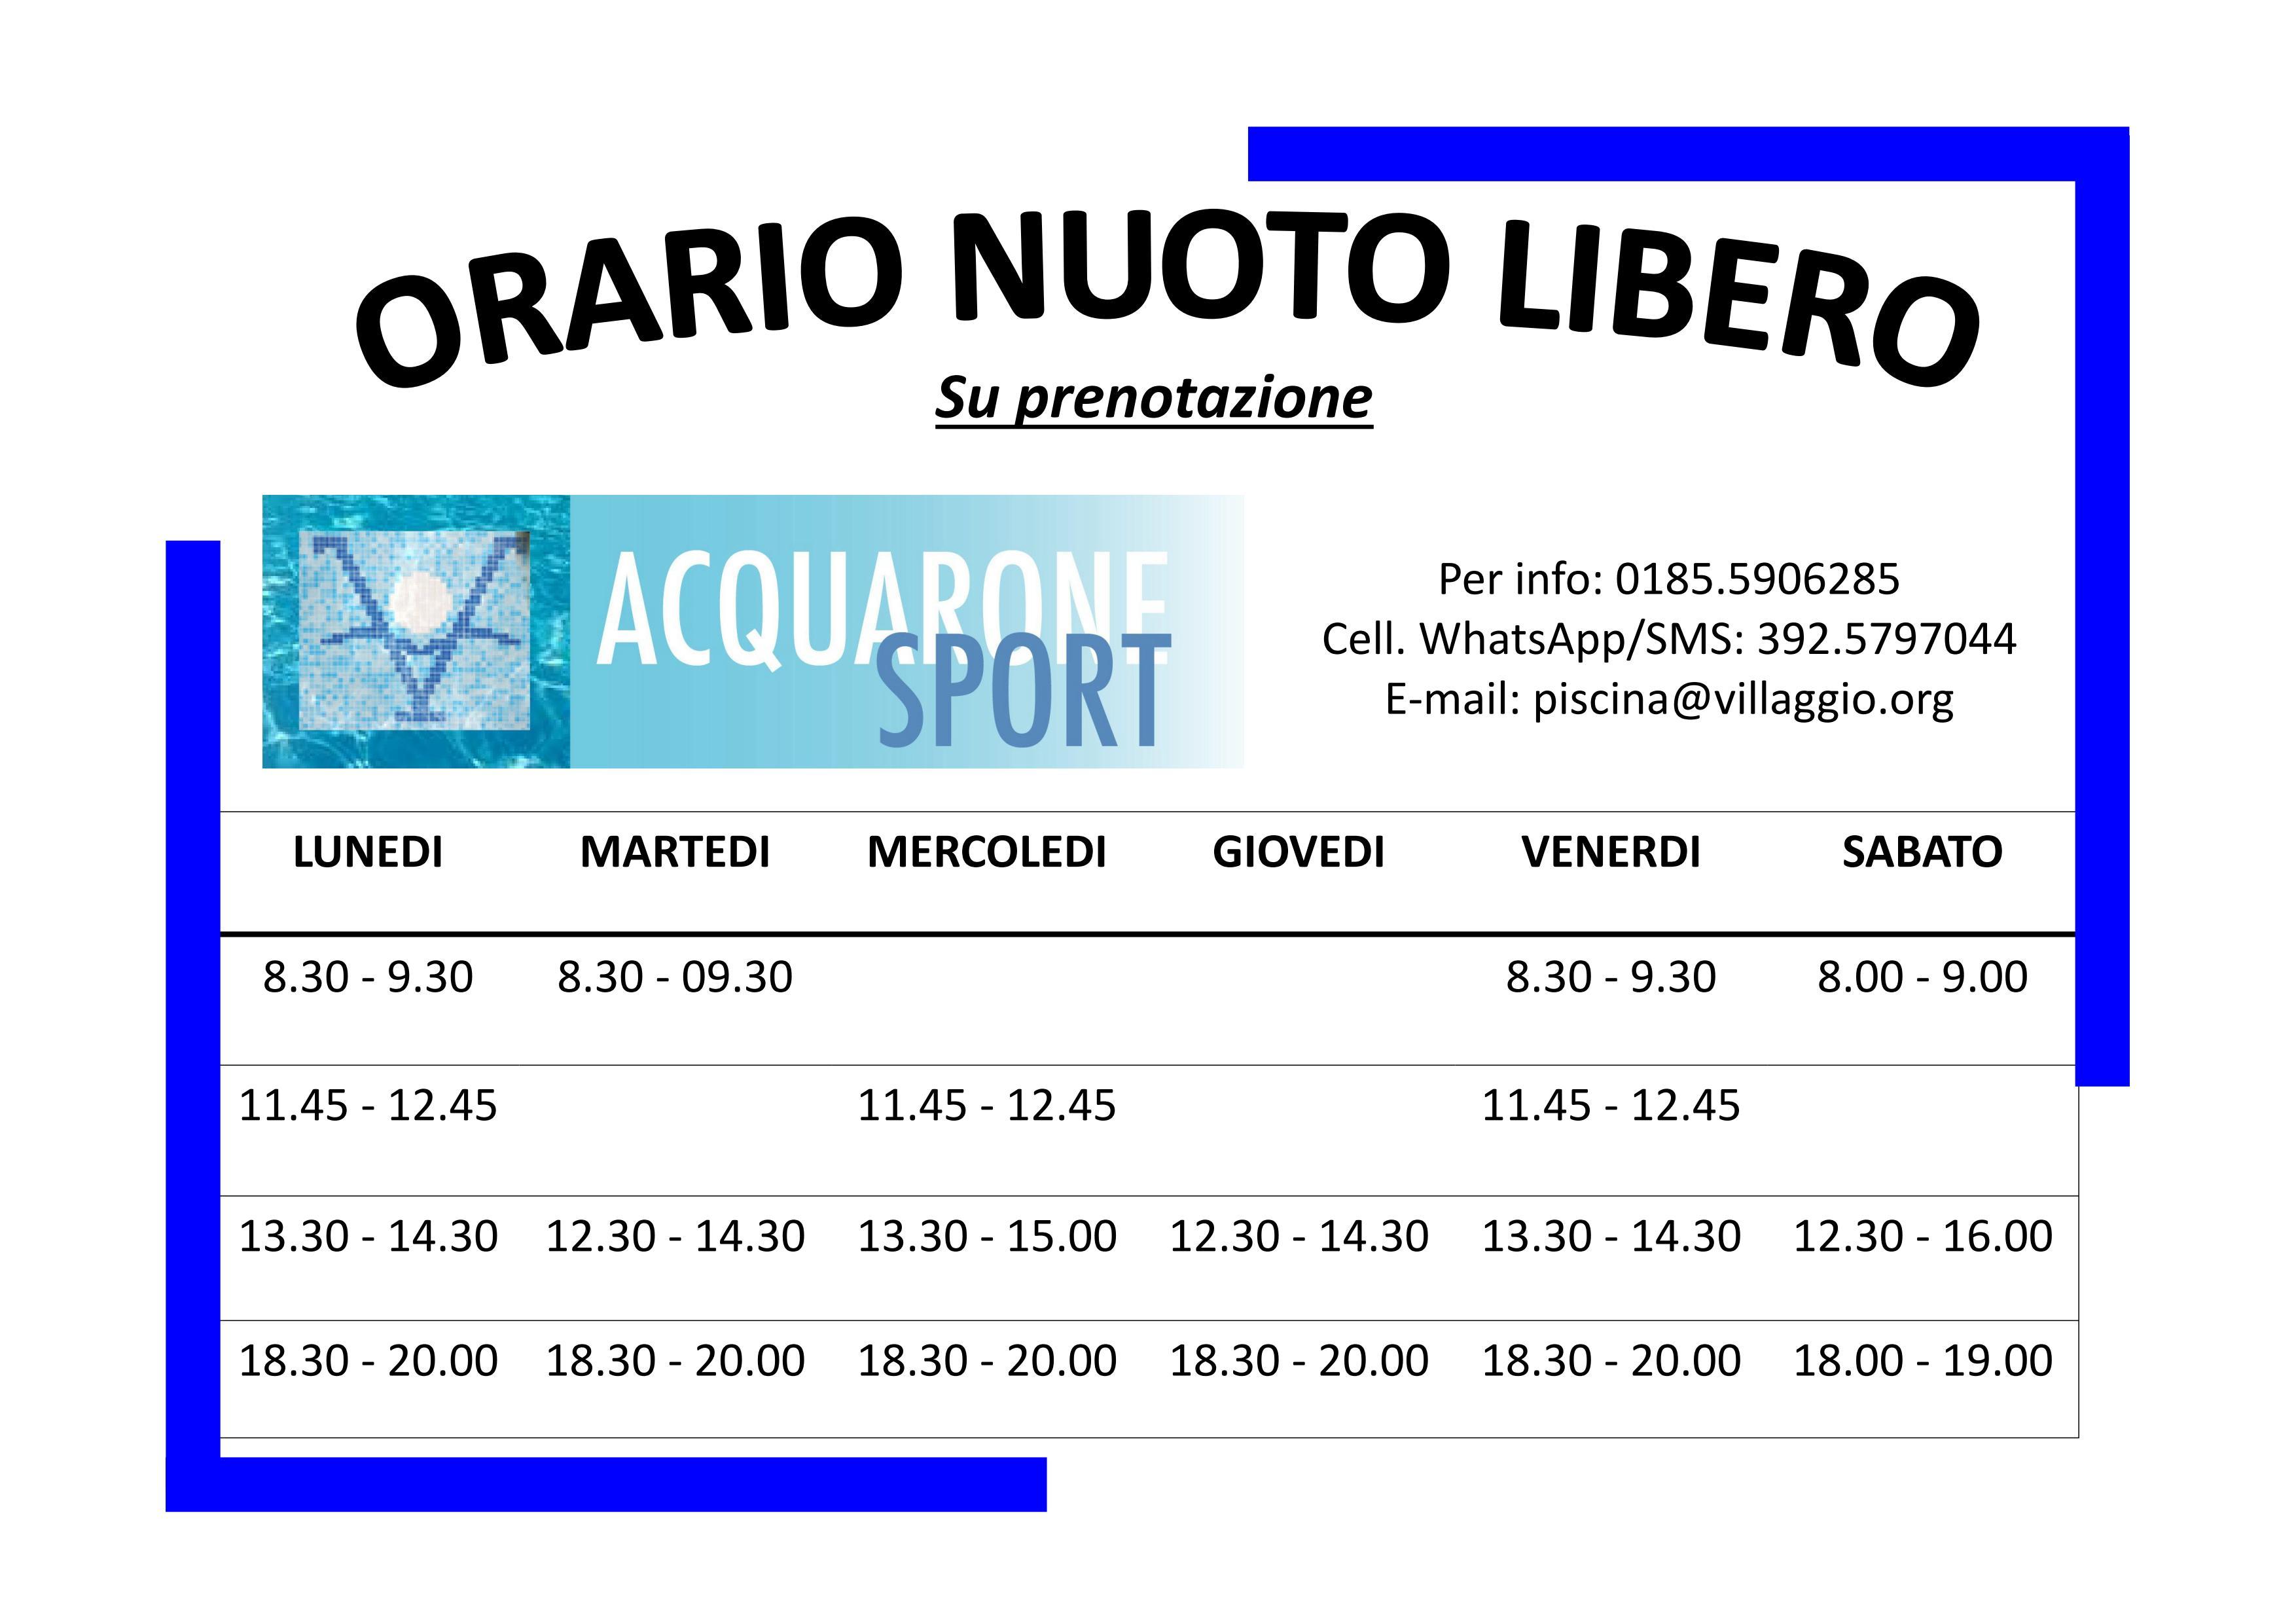 Acquarone Sport - Orario nuoto libero 2018-2019